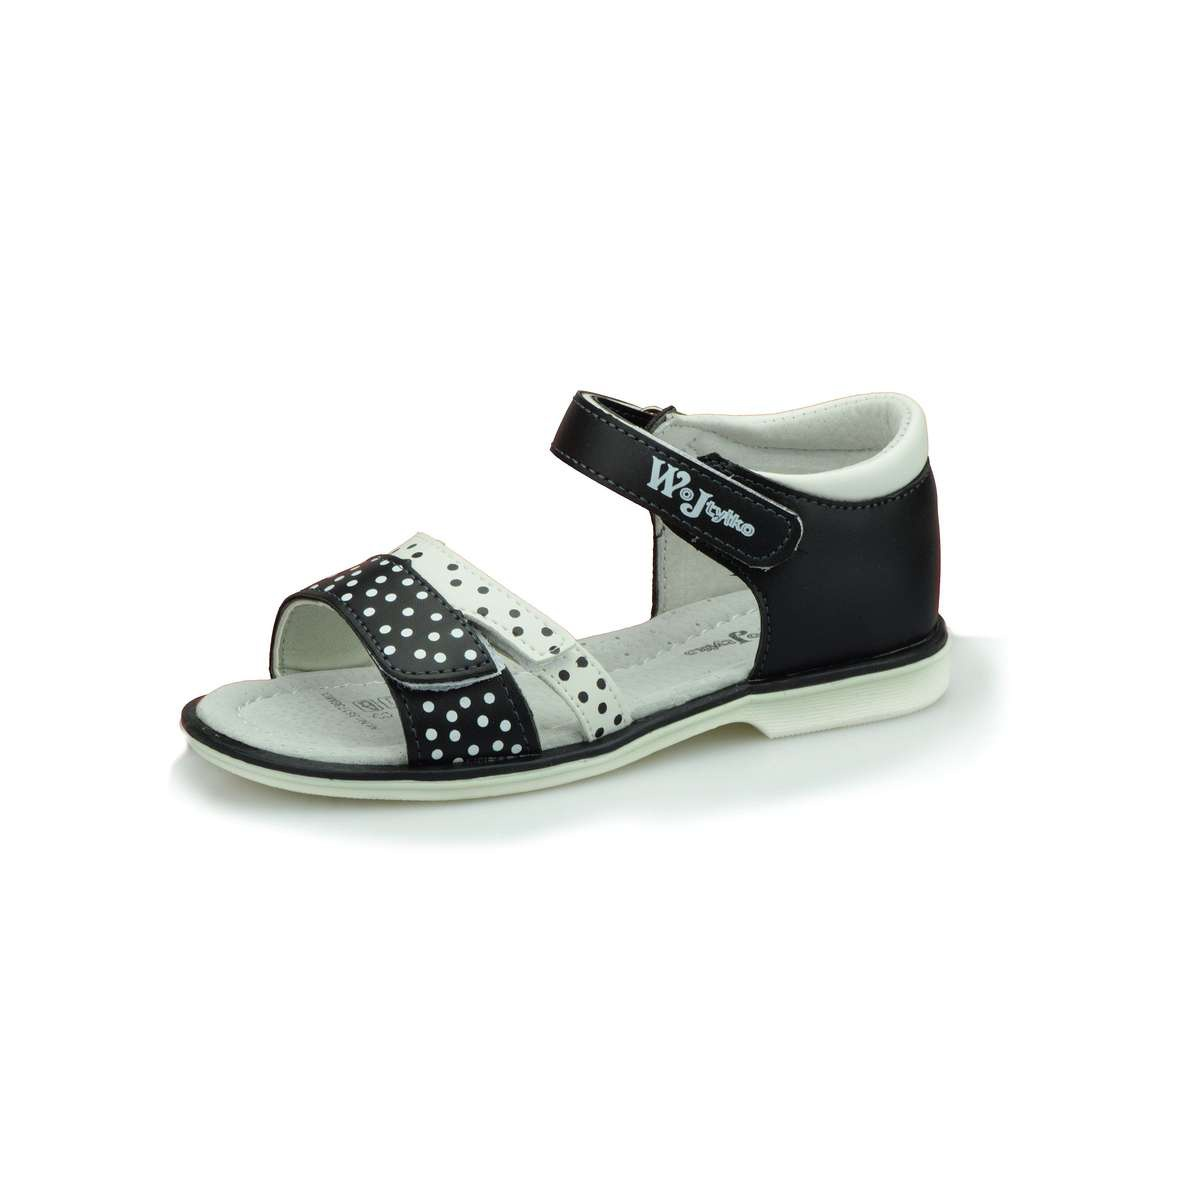 c52a684c1eb Dětská vycházková sandálka AS 3S1736-C